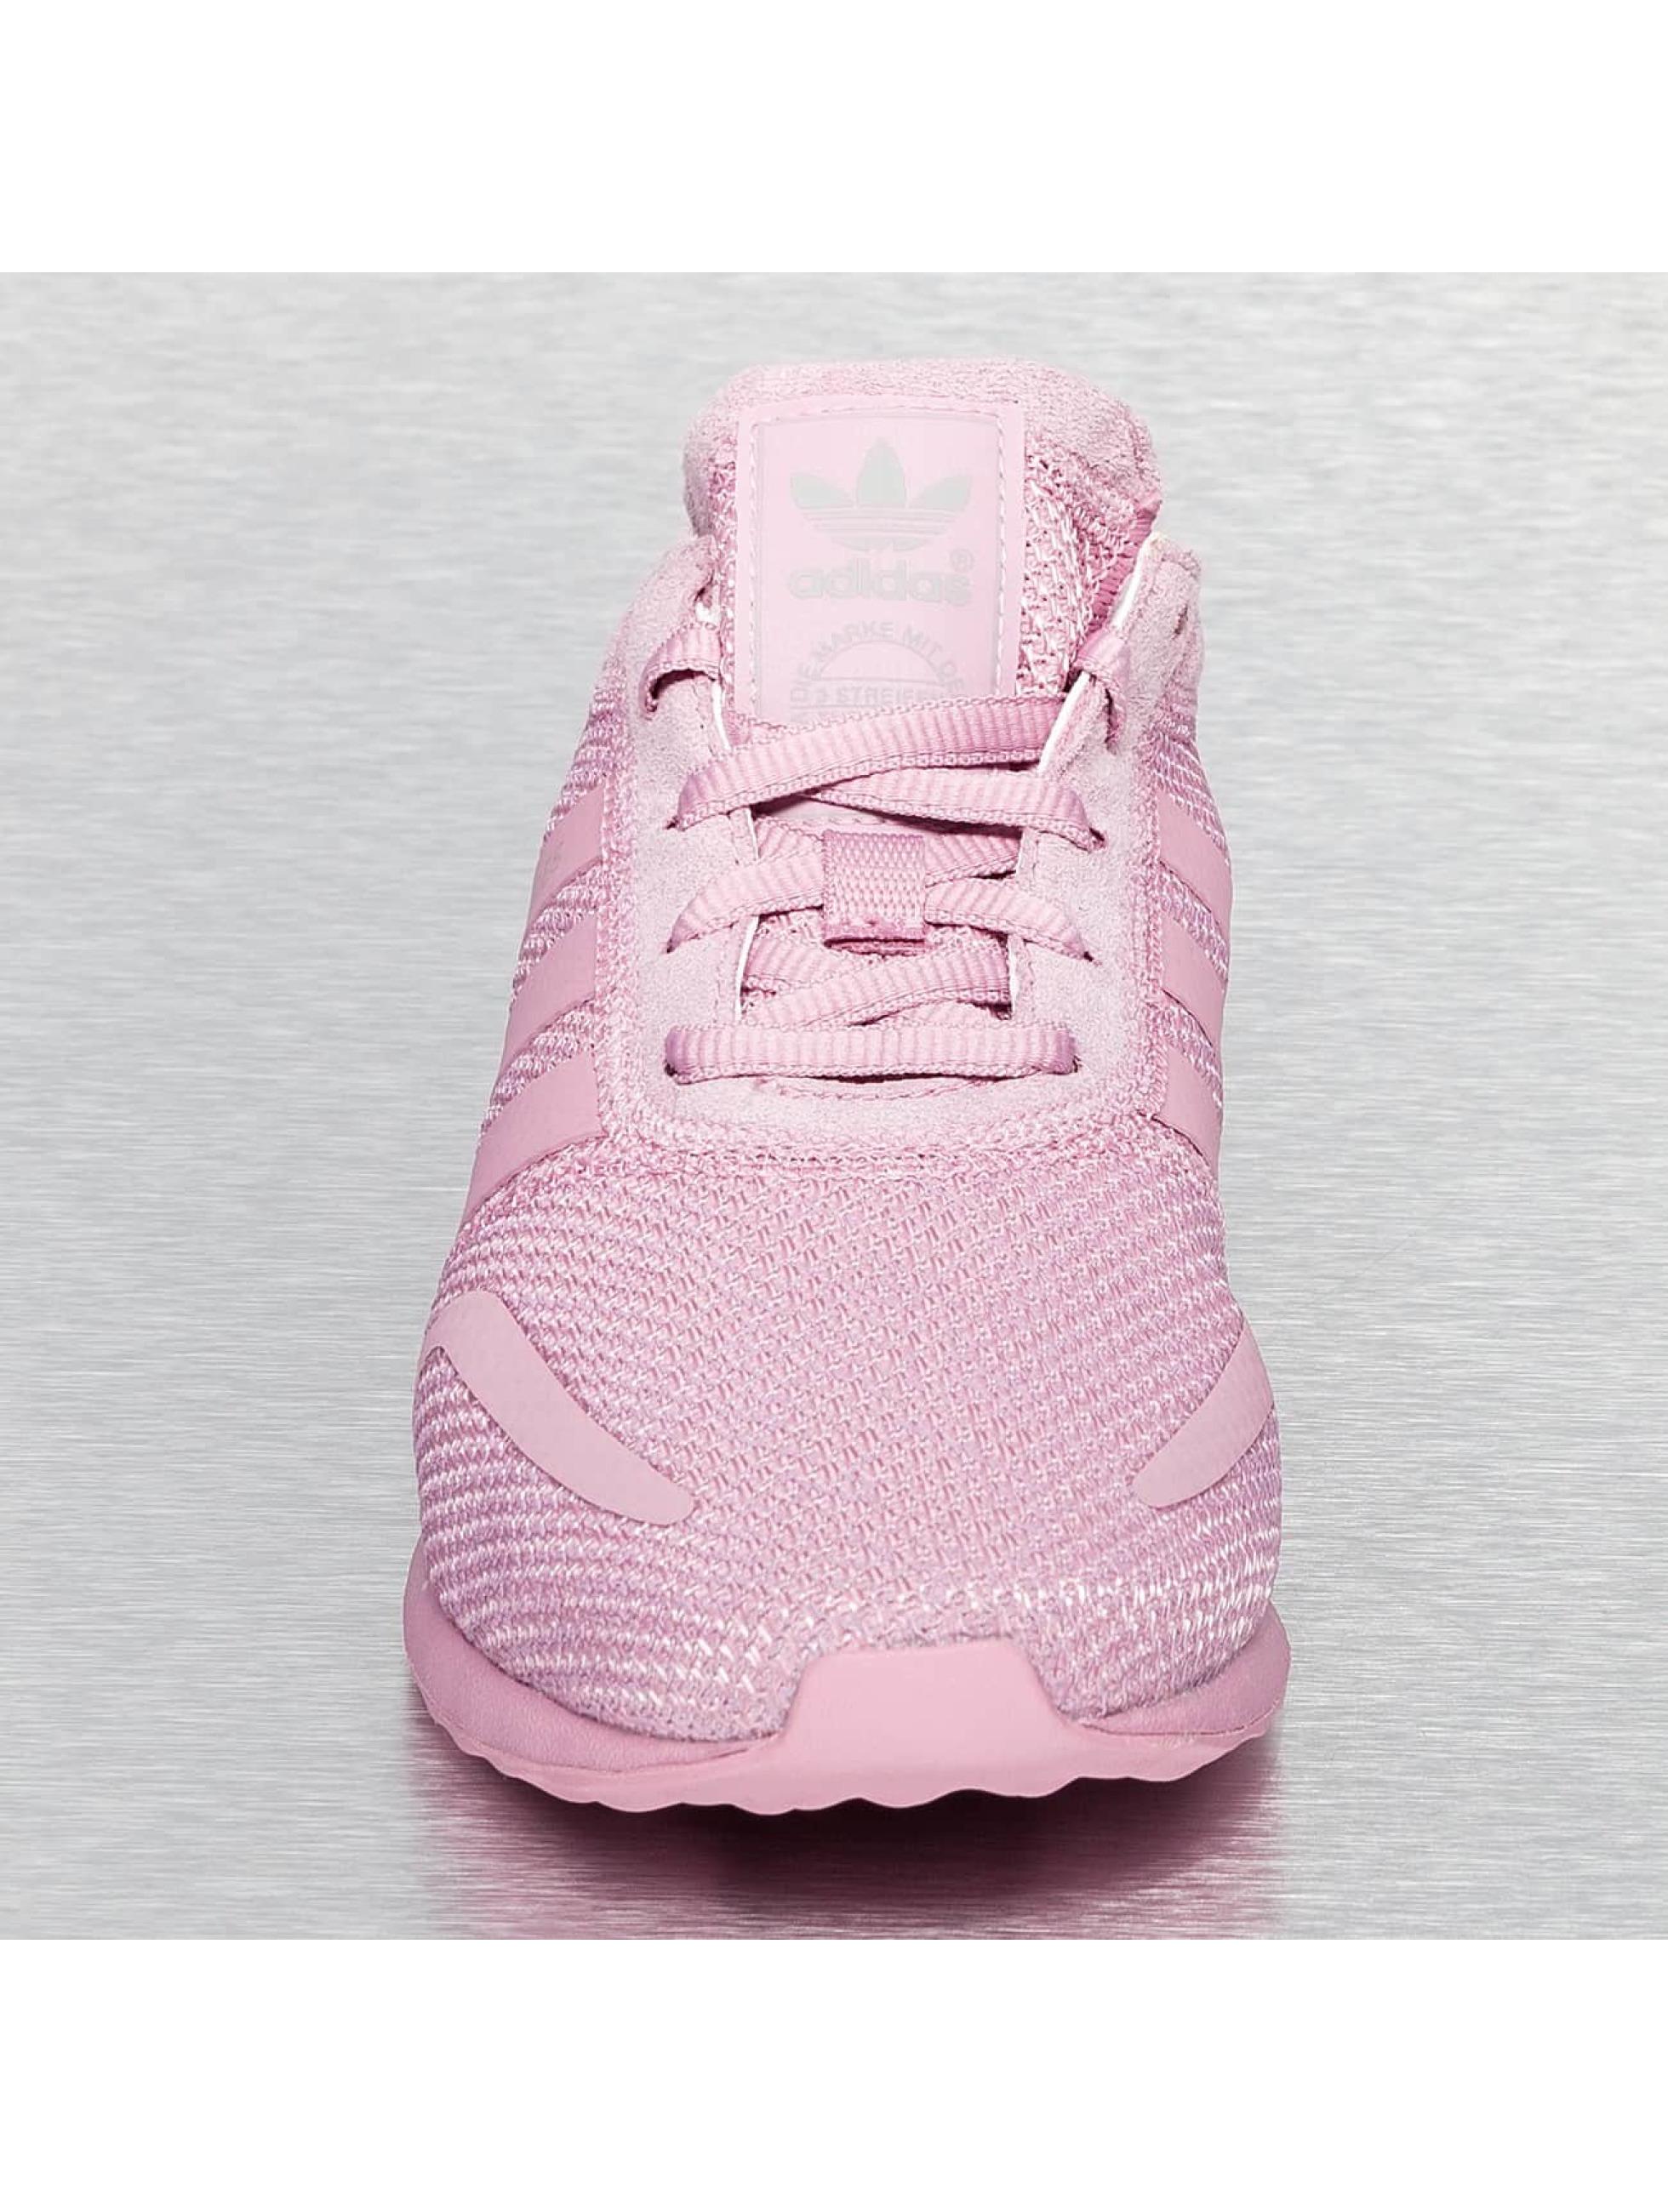 Adidas Sneakers Paars